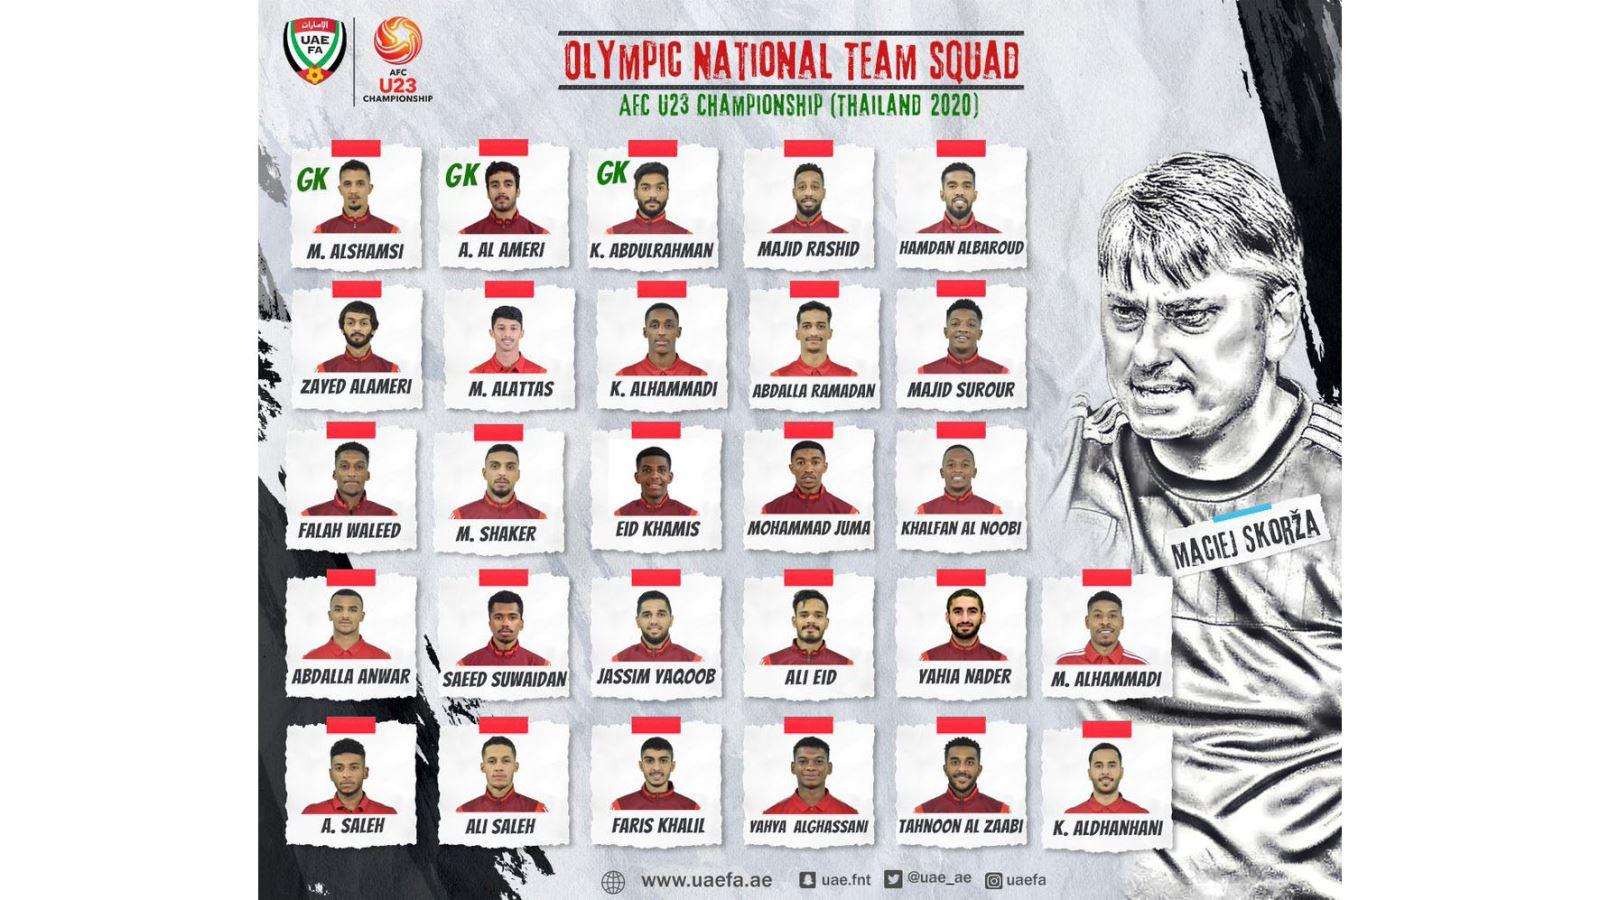 lịch thi đấu U23 châu Á 2020 hôm nay, Việt Nam đấu với UAE, Lịch thi đấu VCK U23 châu Á 2020 trên VTV, lich thi dau bong da hom nay, truc tiep bong da, VTV6, bong da